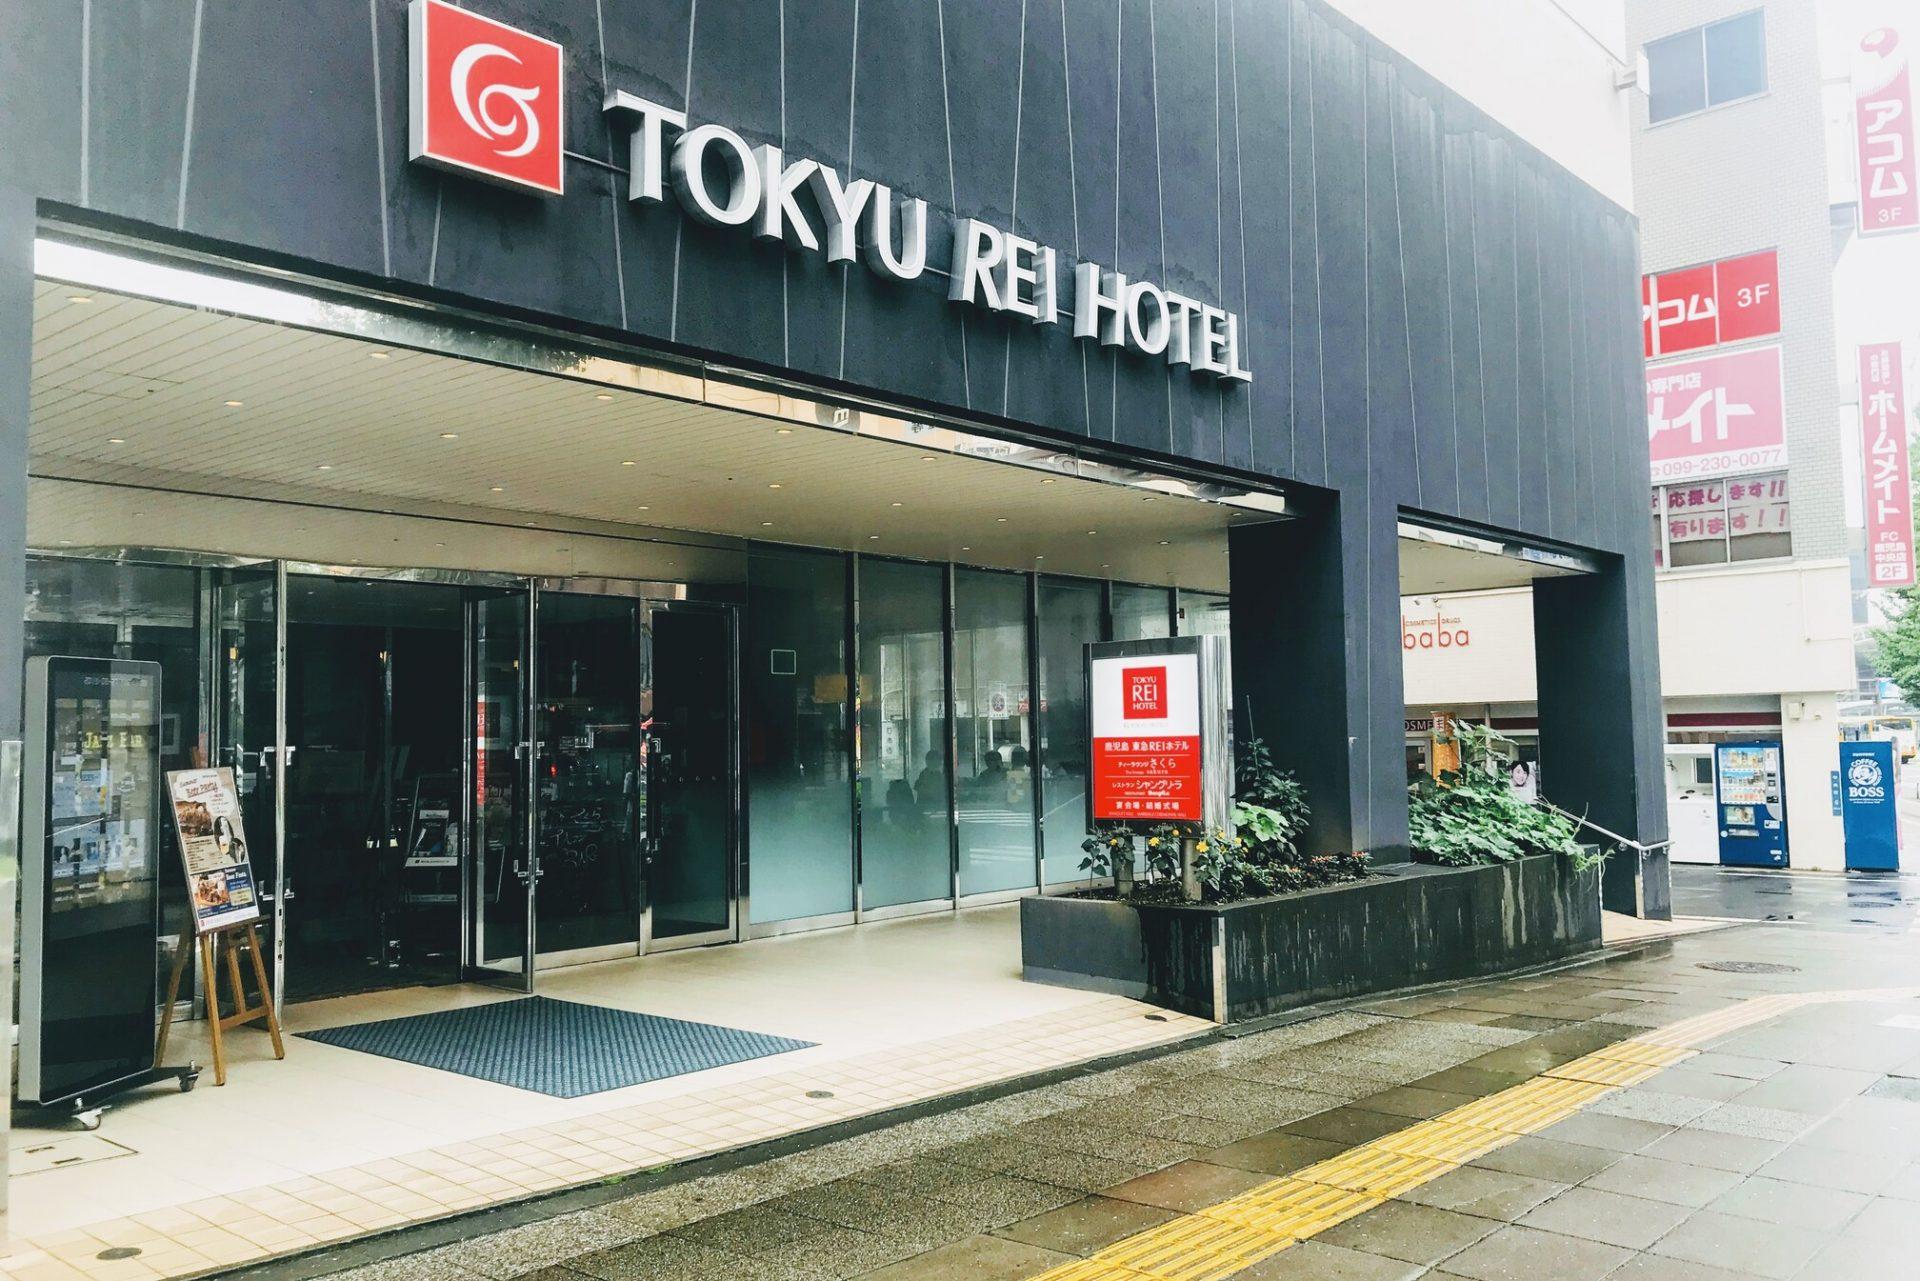 鹿児島東急REIホテル 鹿児島市